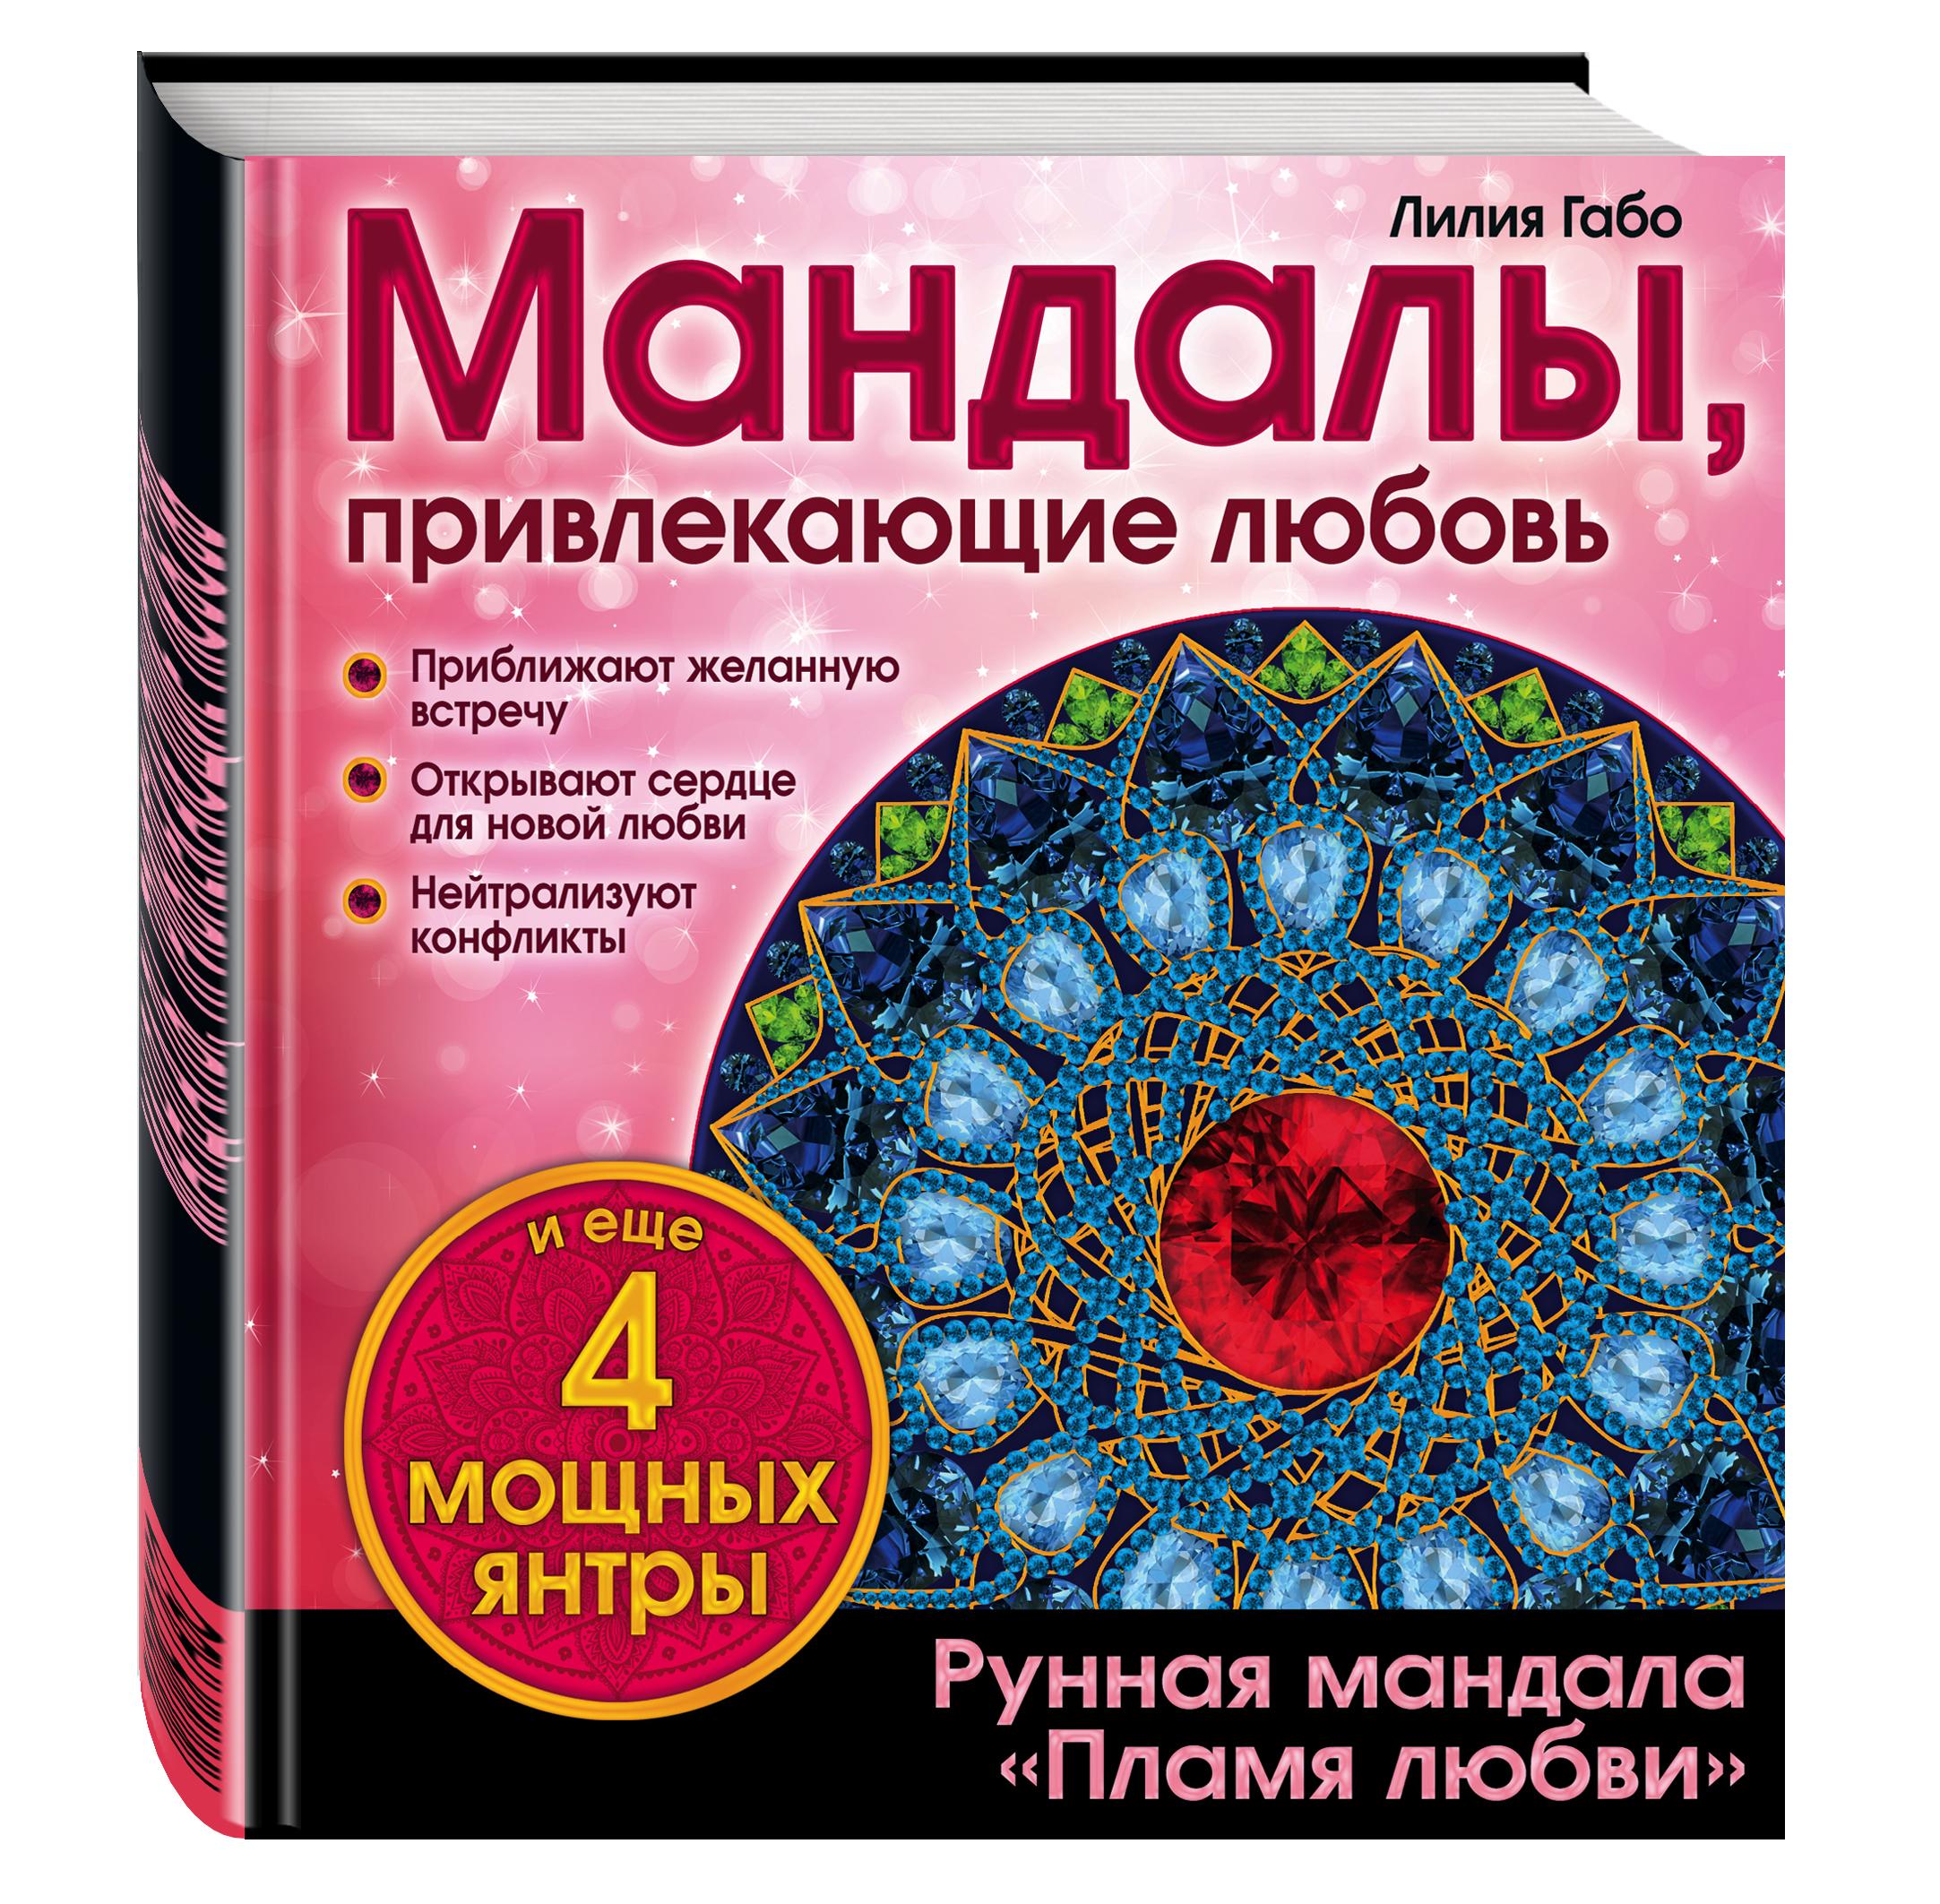 лилия габо мандалы новый способ бросить курить раскраска Лилия Габо Мандалы, привлекающие любовь (раскраска)